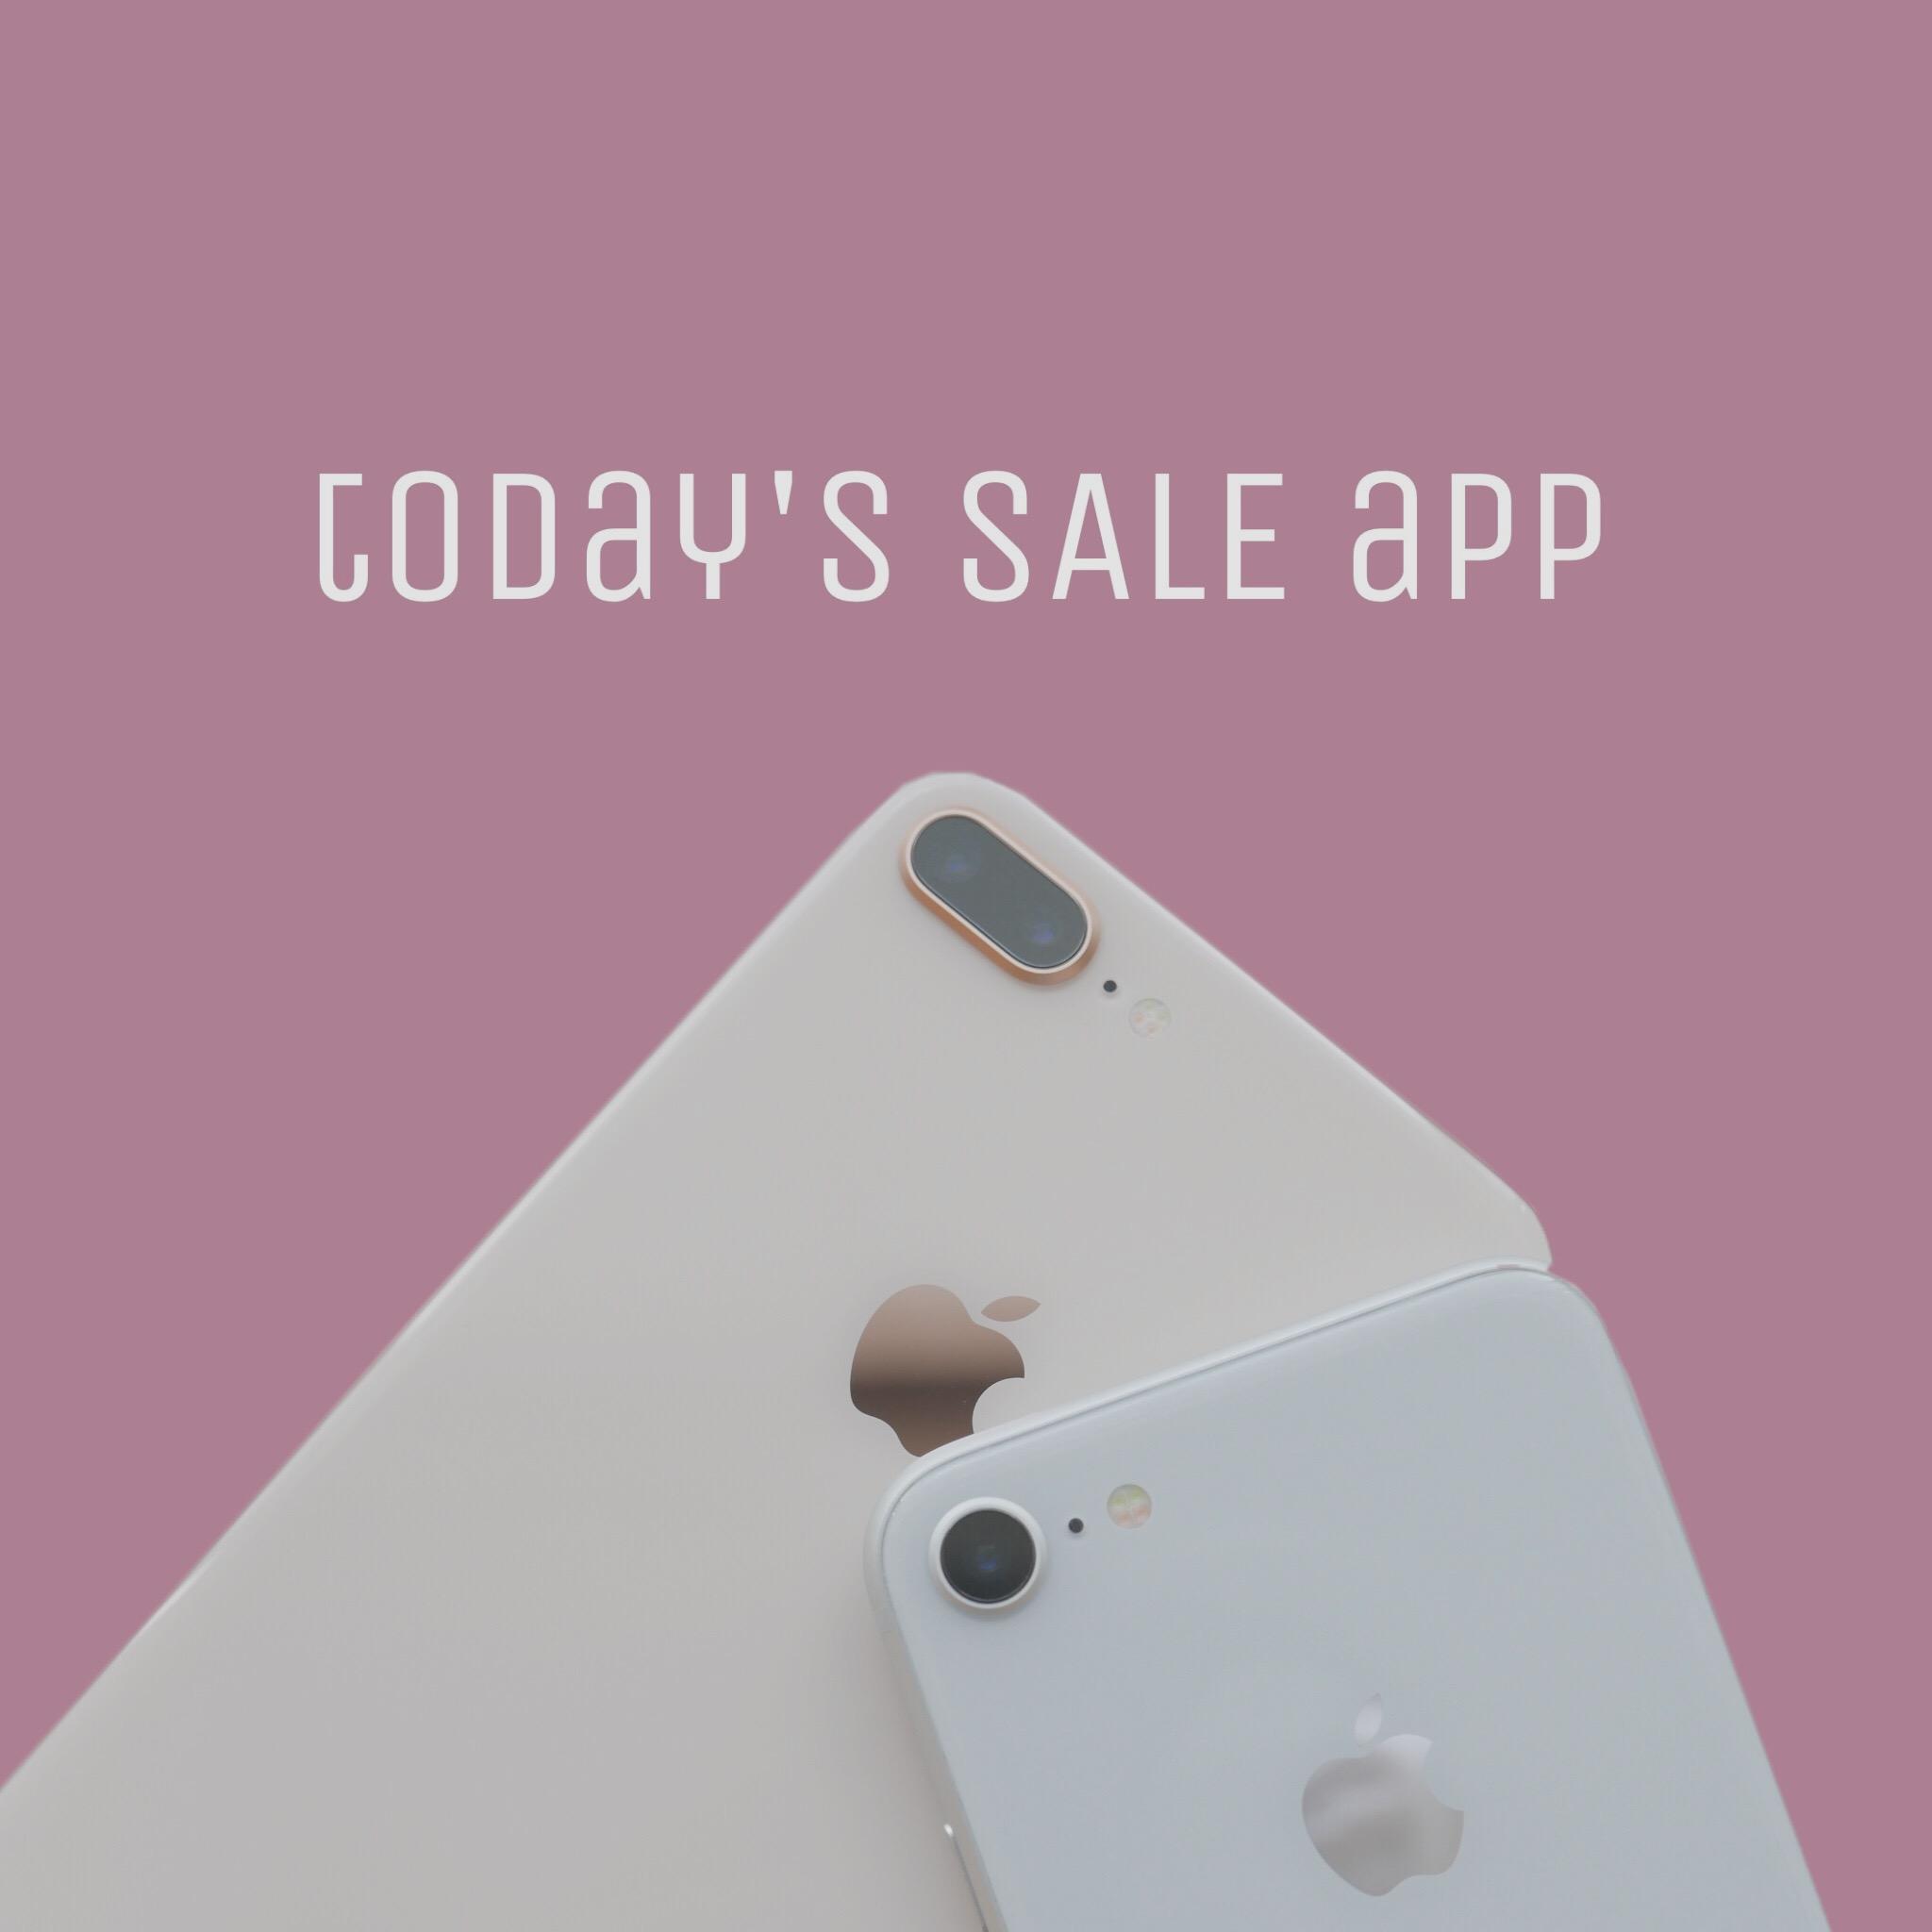 【今日の無料アプリ】1200円→無料♪「毎日英語 音声で英語を学習して単語を管理できるアプリ」他、2本を紹介!